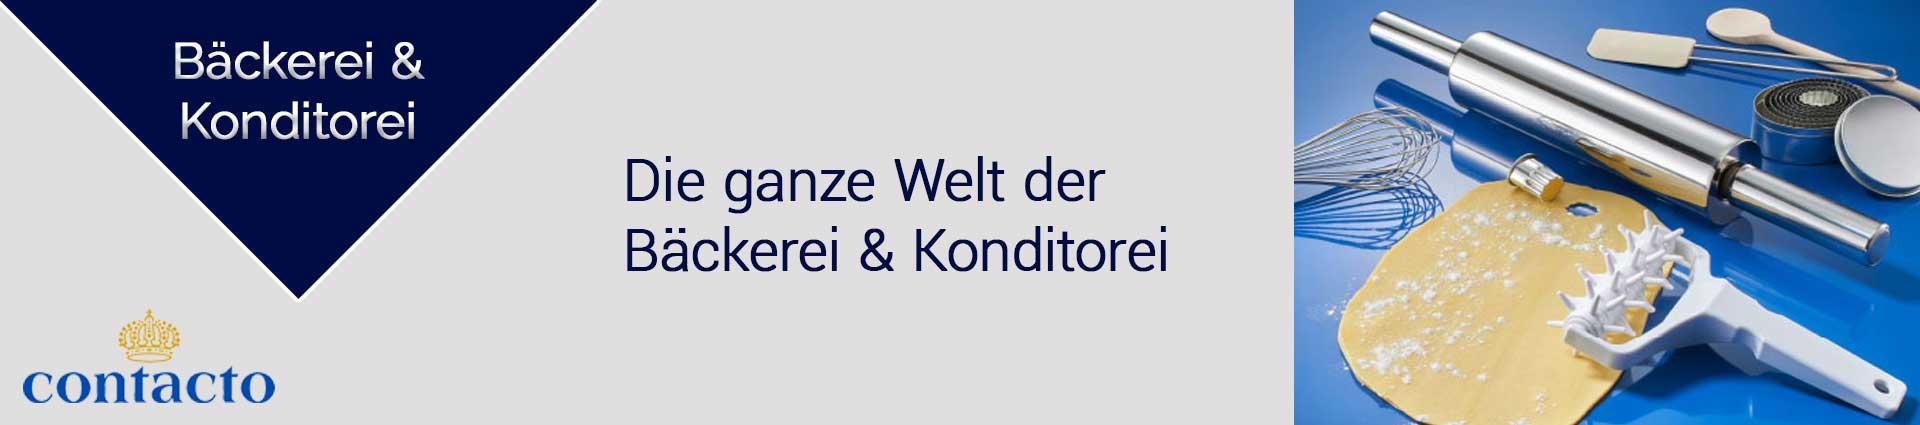 Contacto Bäckerei und Konditorei Banner